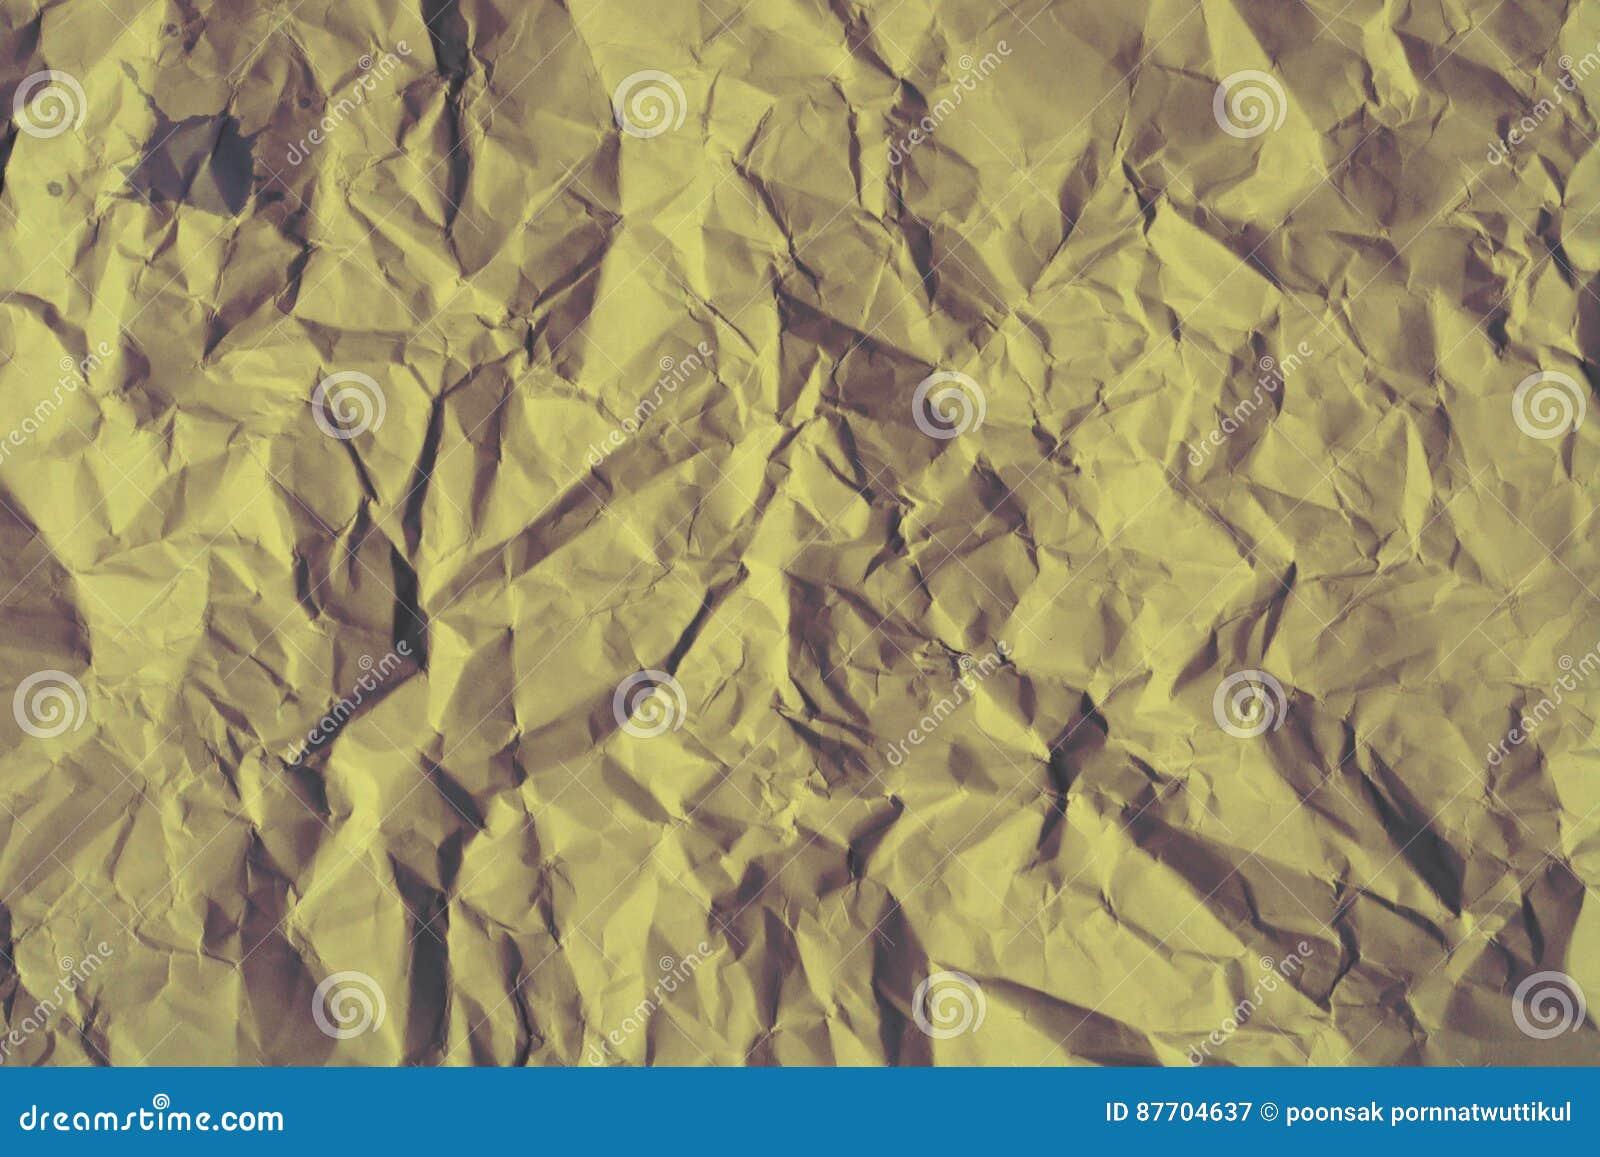 Grand de papier froissé